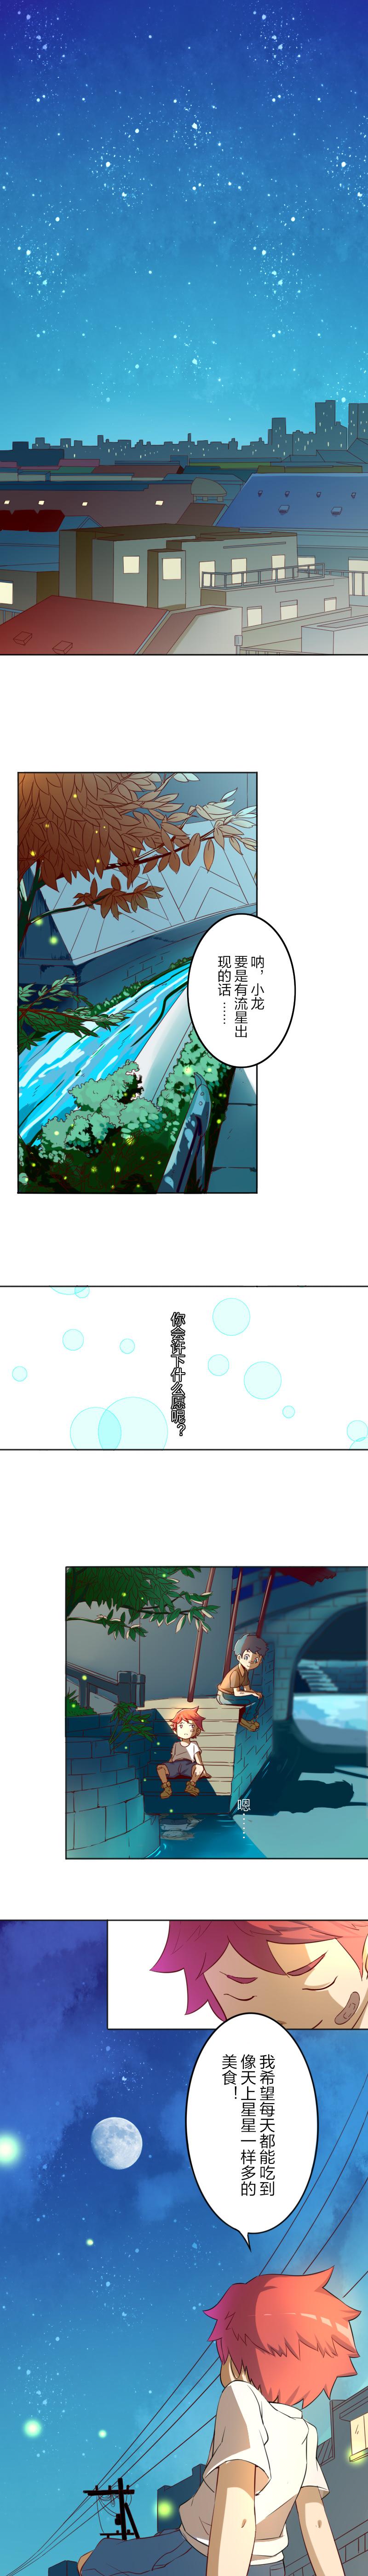 《龙中对》漫画 未删减完整版 免费在线阅读